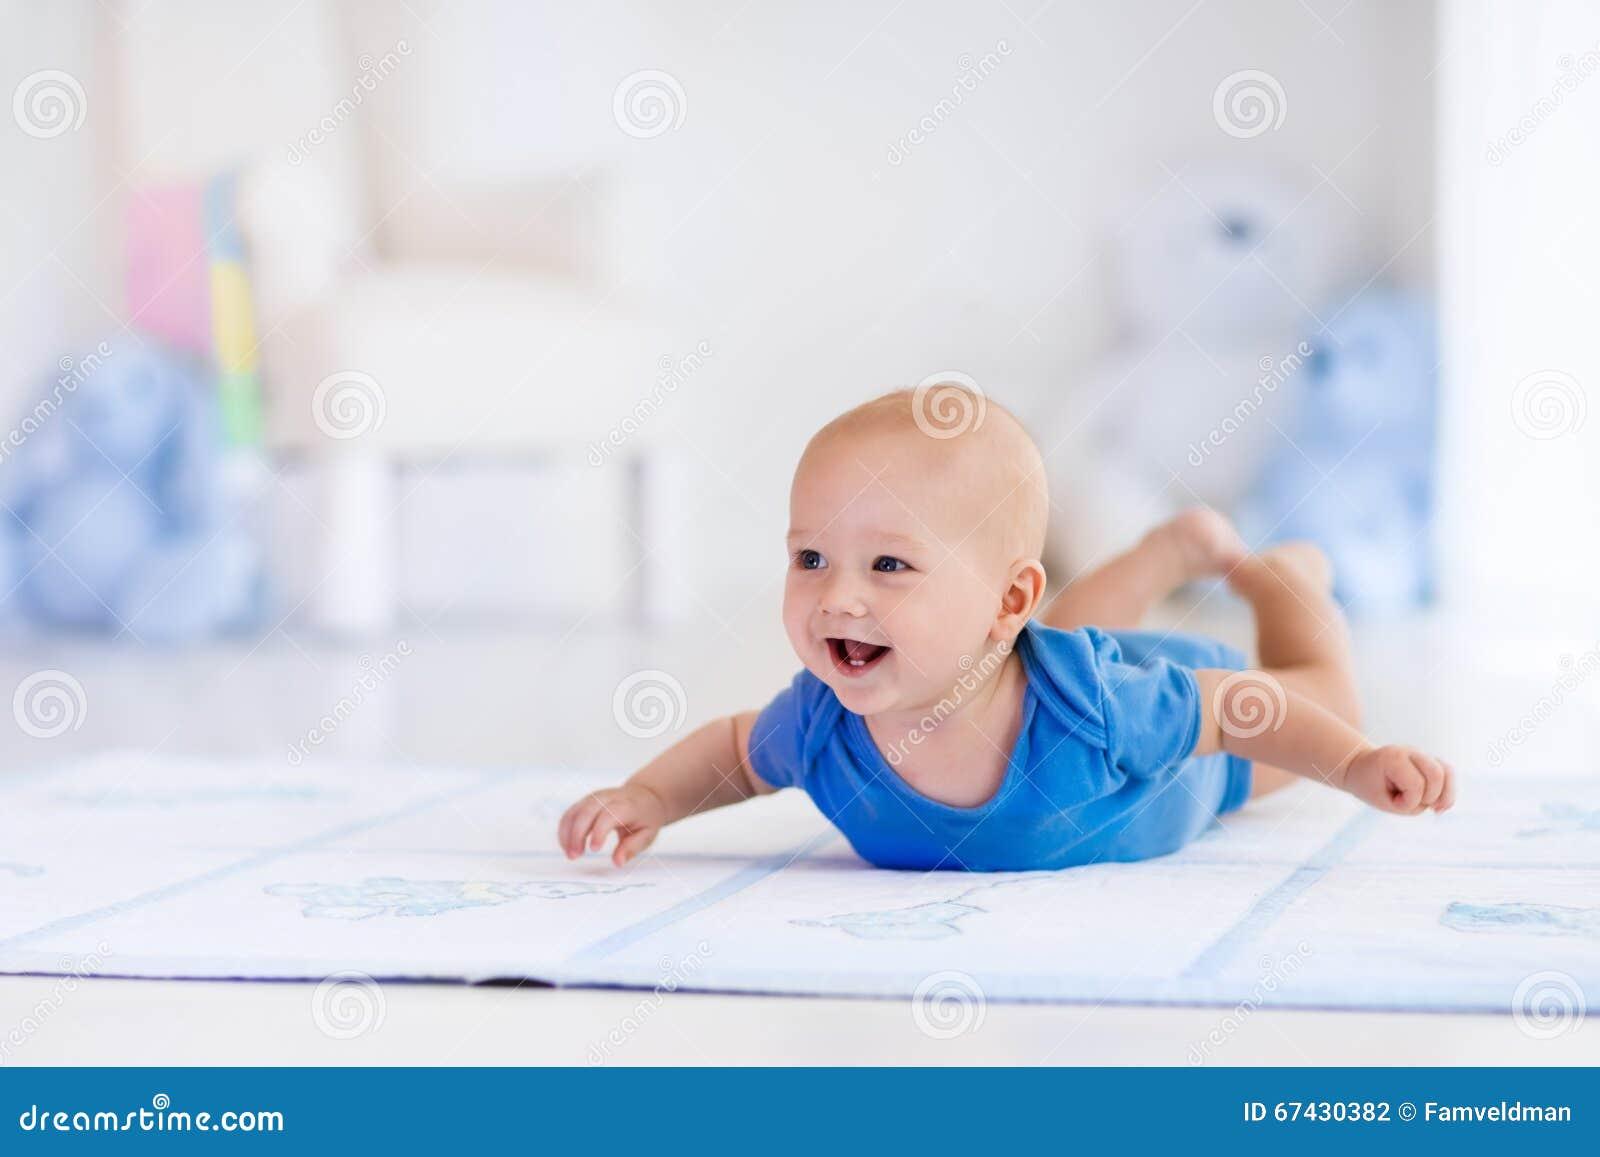 Ребёнок в белом питомнике